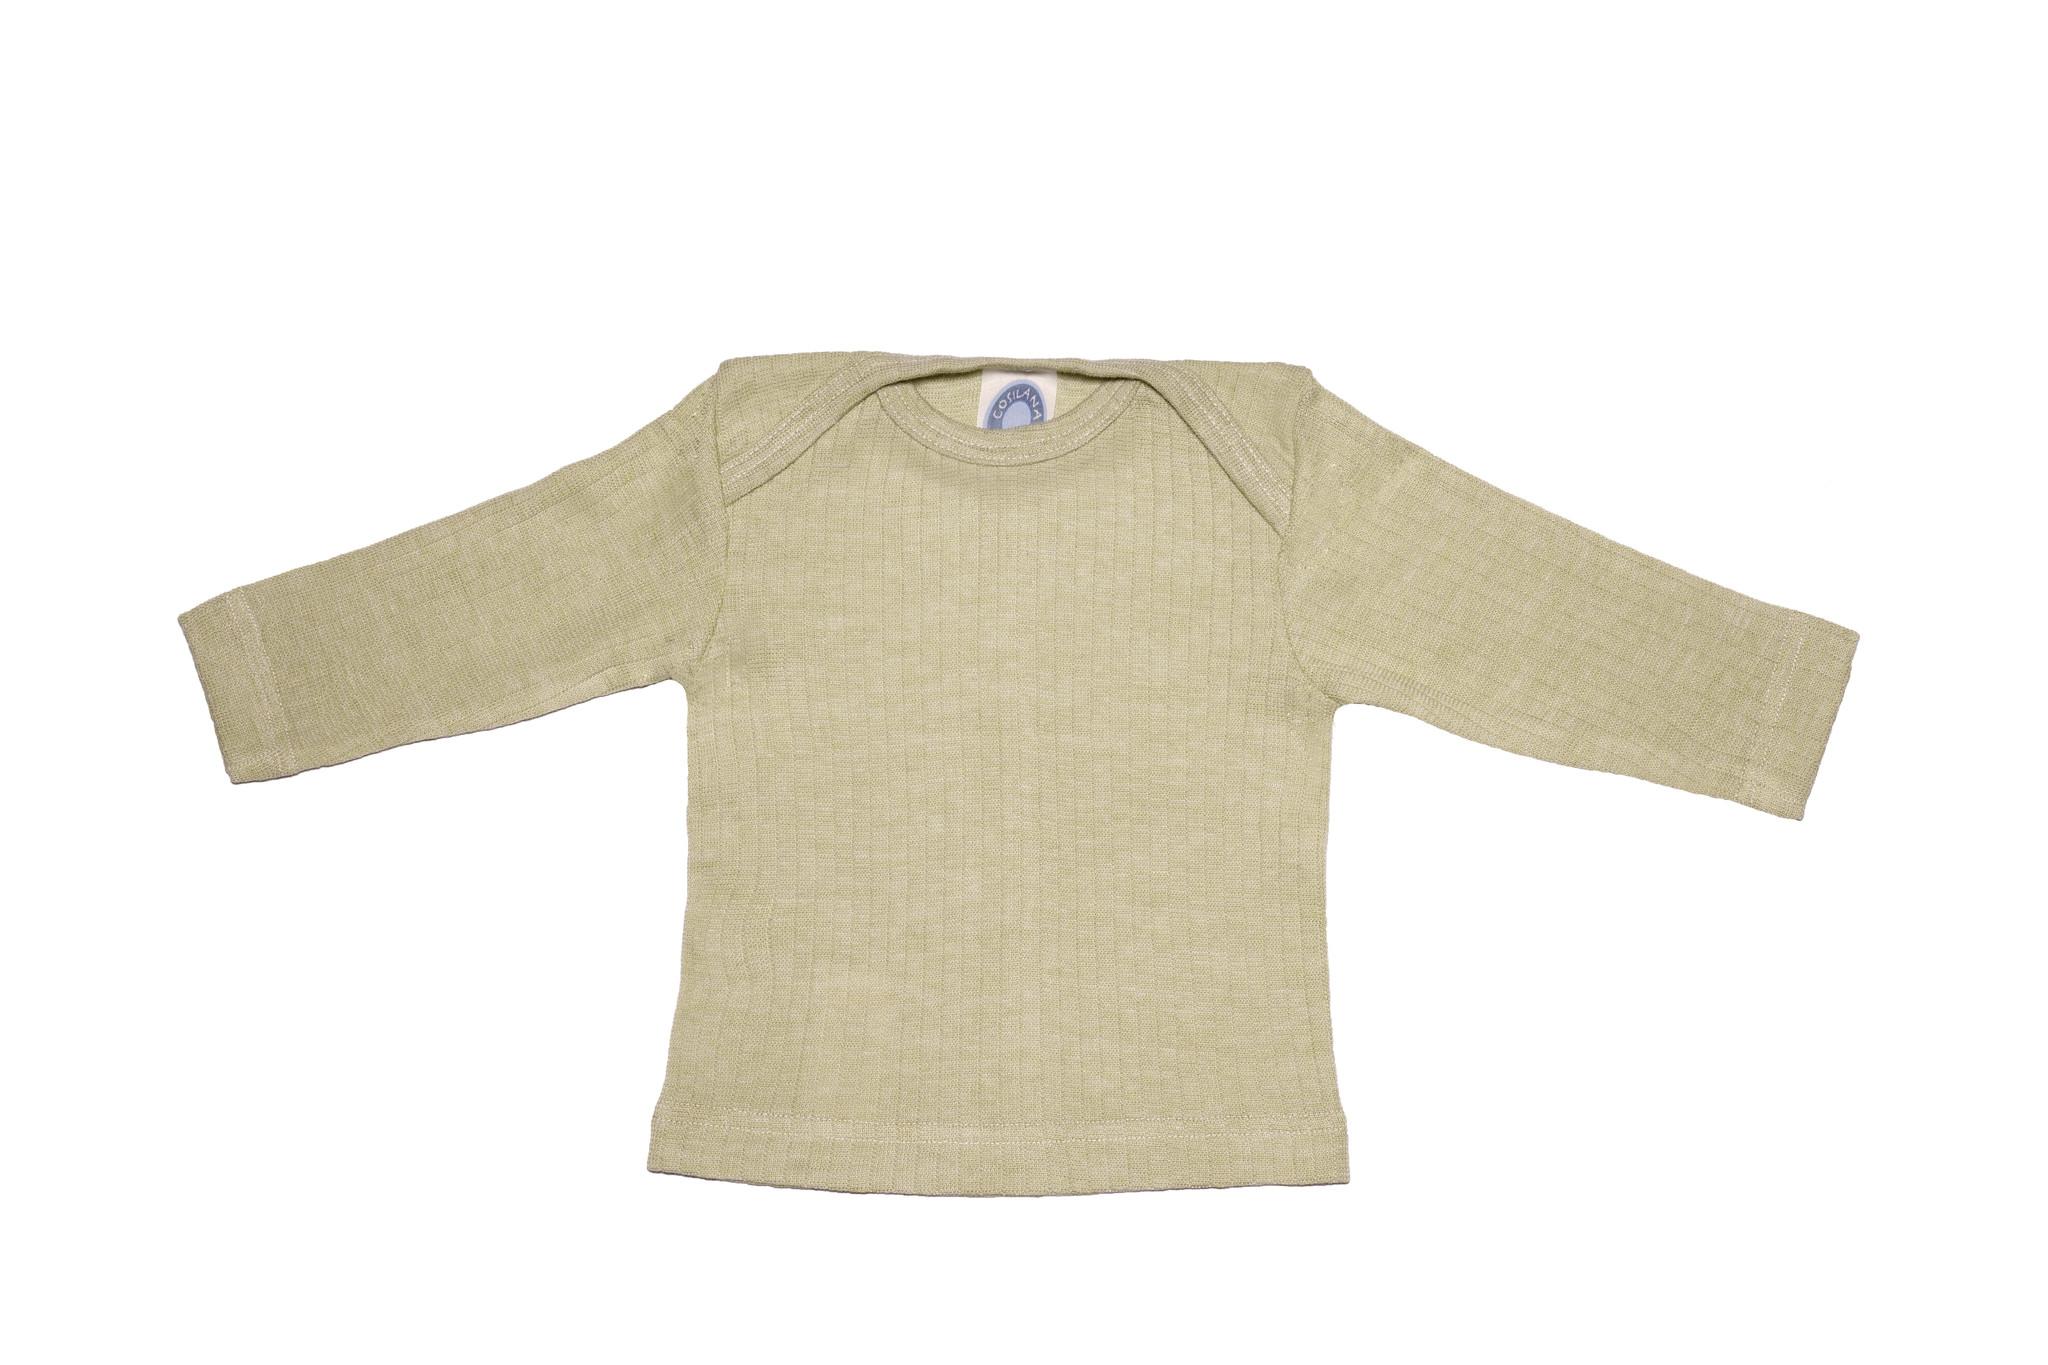 Cosilana Cosilana Babyhemdje Wol/Zijde/Katoen lange mouw - Wijnrood gemeleerd (039)